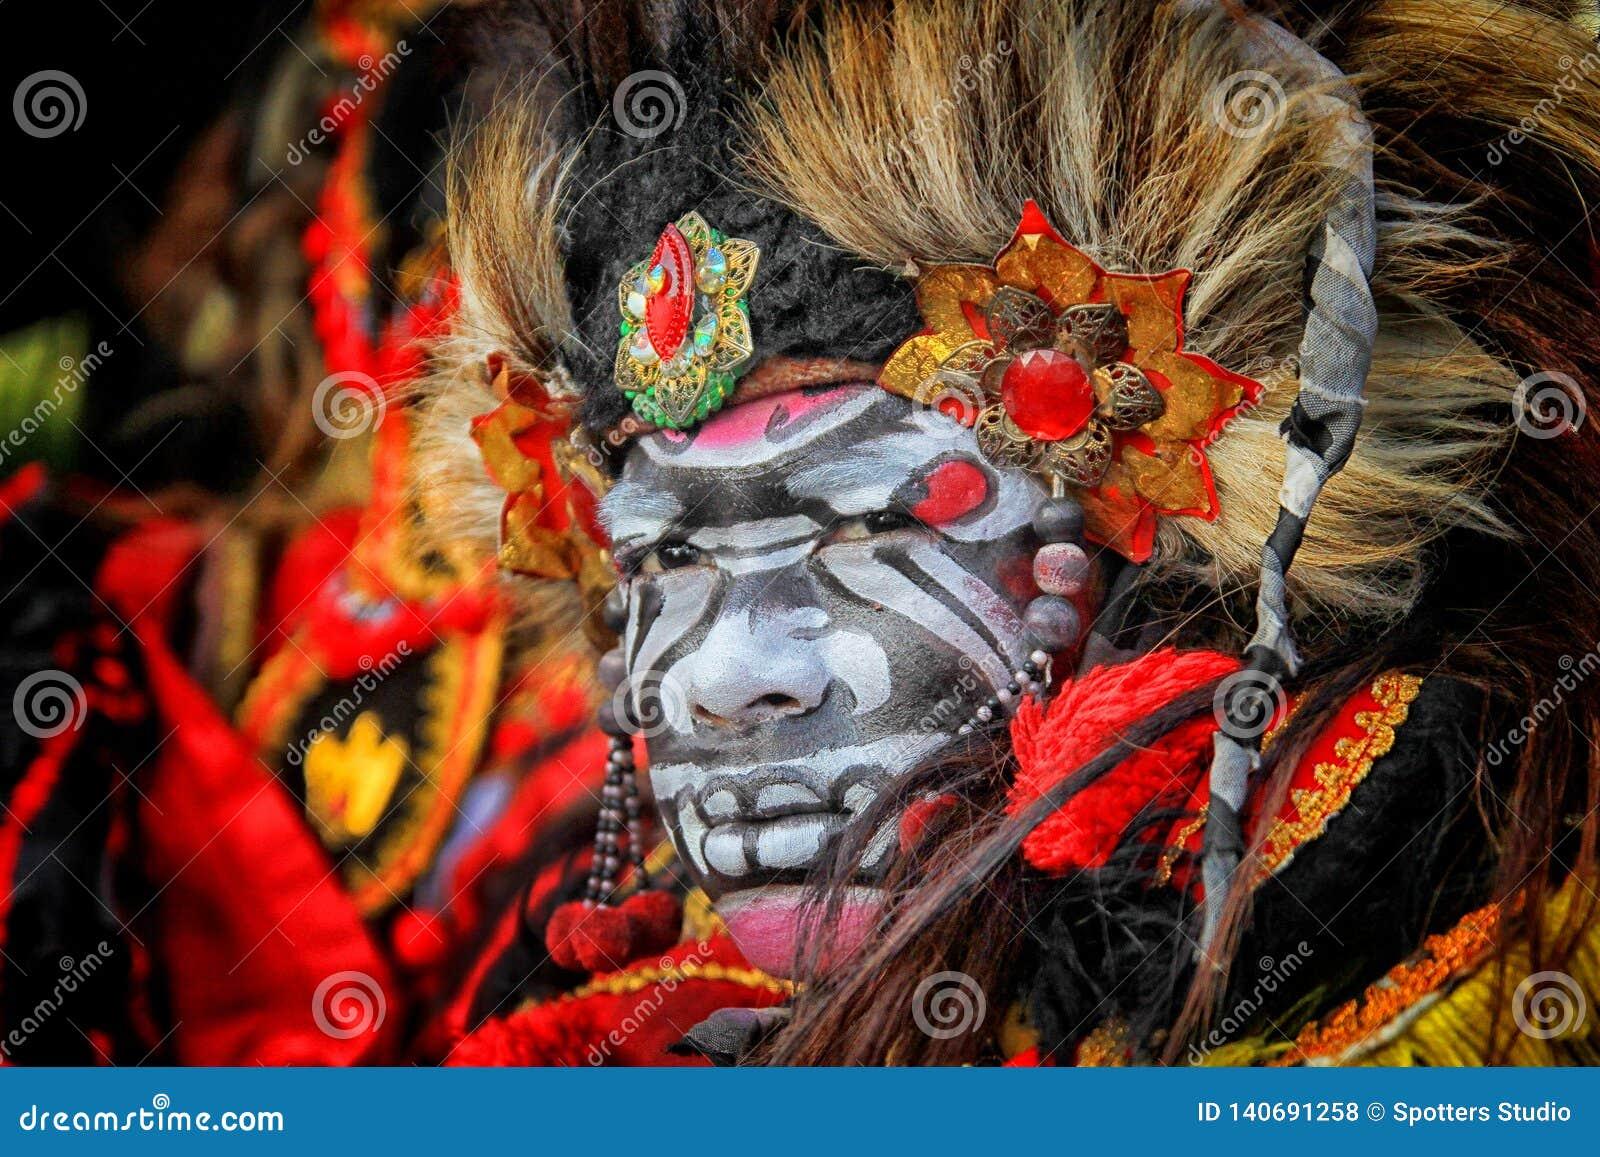 Surabaya indonesia. July 22, 2016. A man is dressed up as a barong at the Citraland Festival in Surabaya